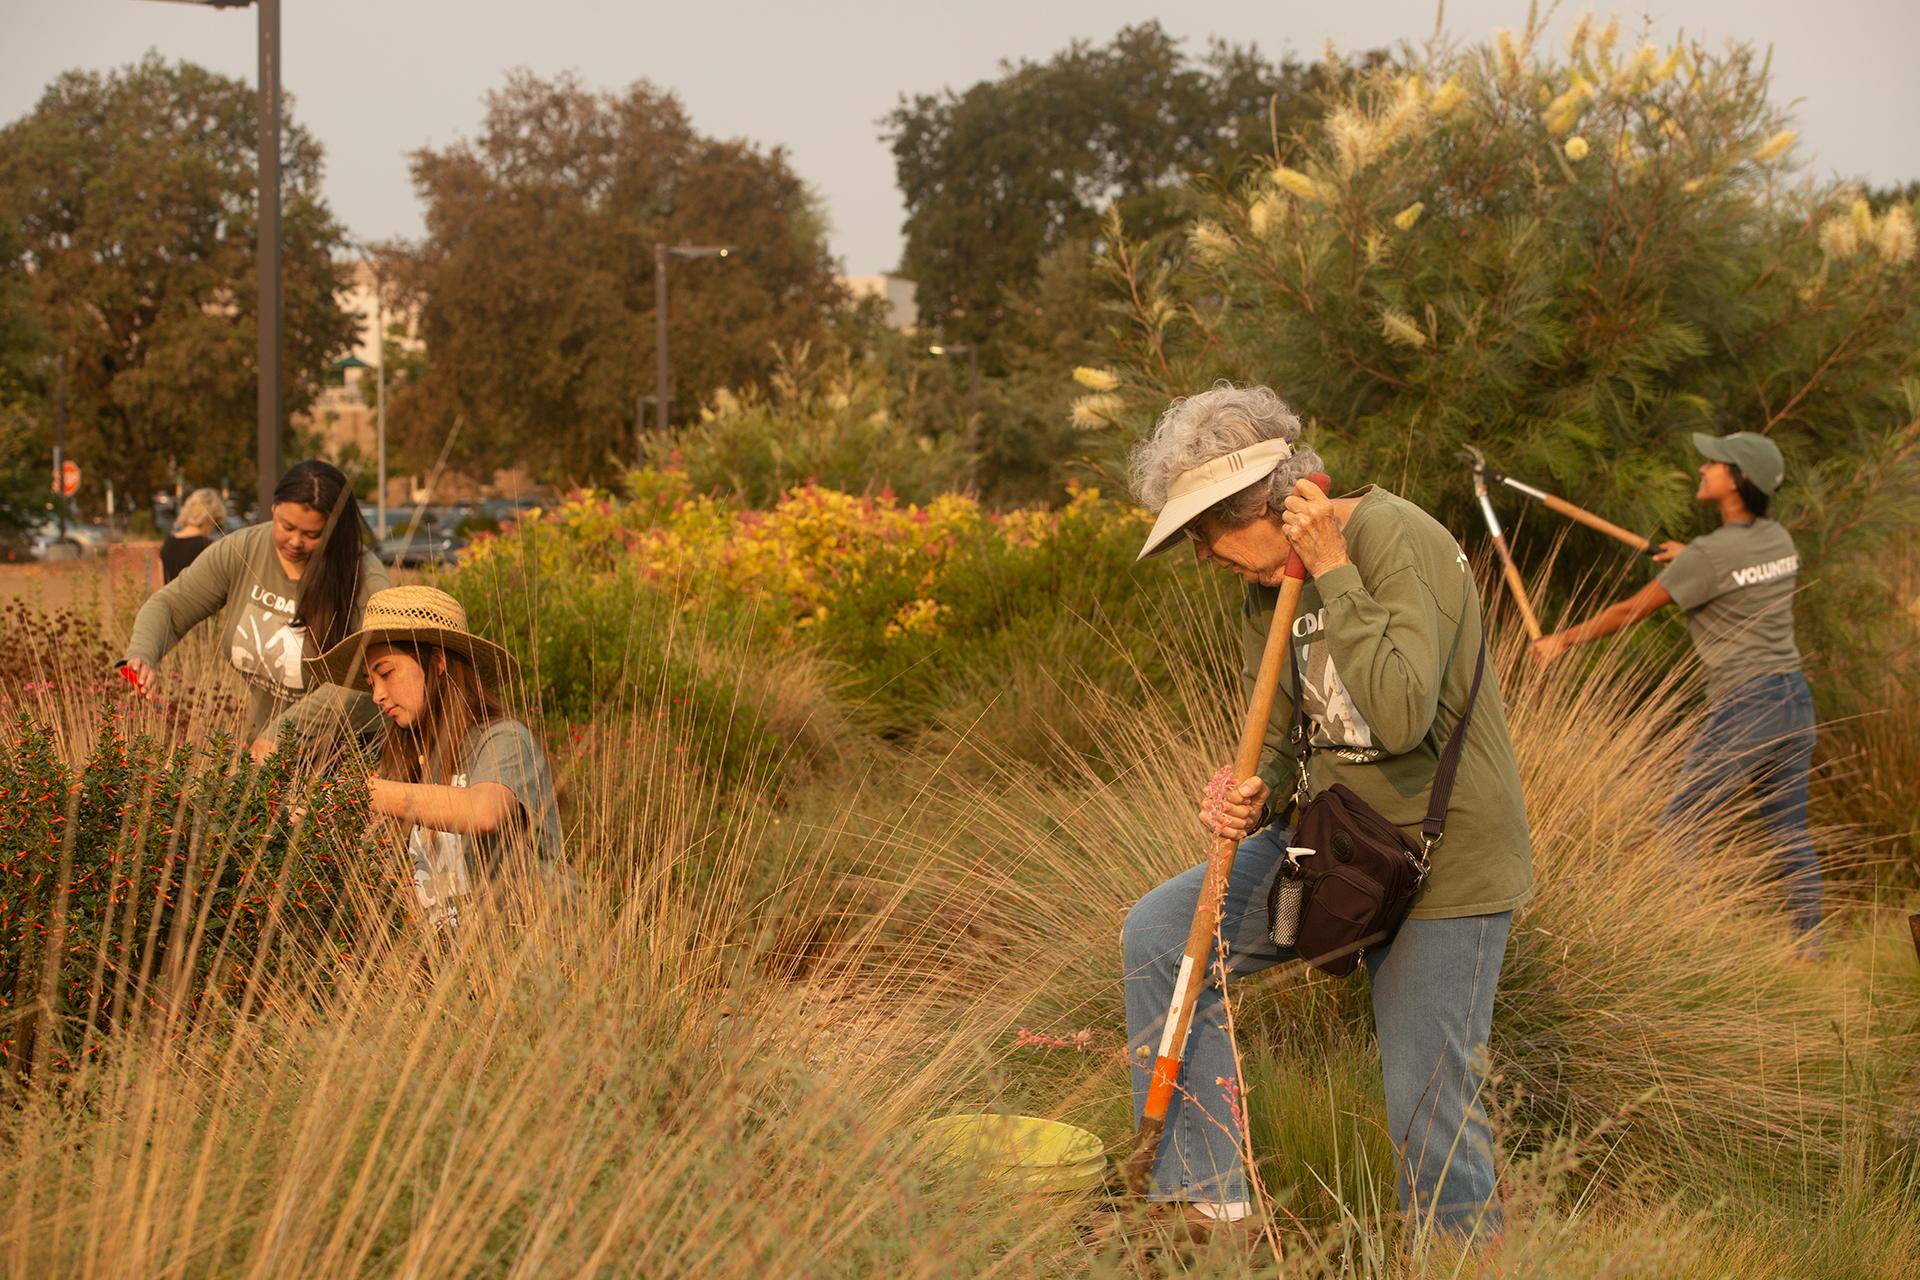 Rachel Davis of the Arboretum work with student intern Elizabeth Hursch, volunteer Jessica Colvin and volunteer Judy Hecomovich in the humminbird garden on August 12. 2021.